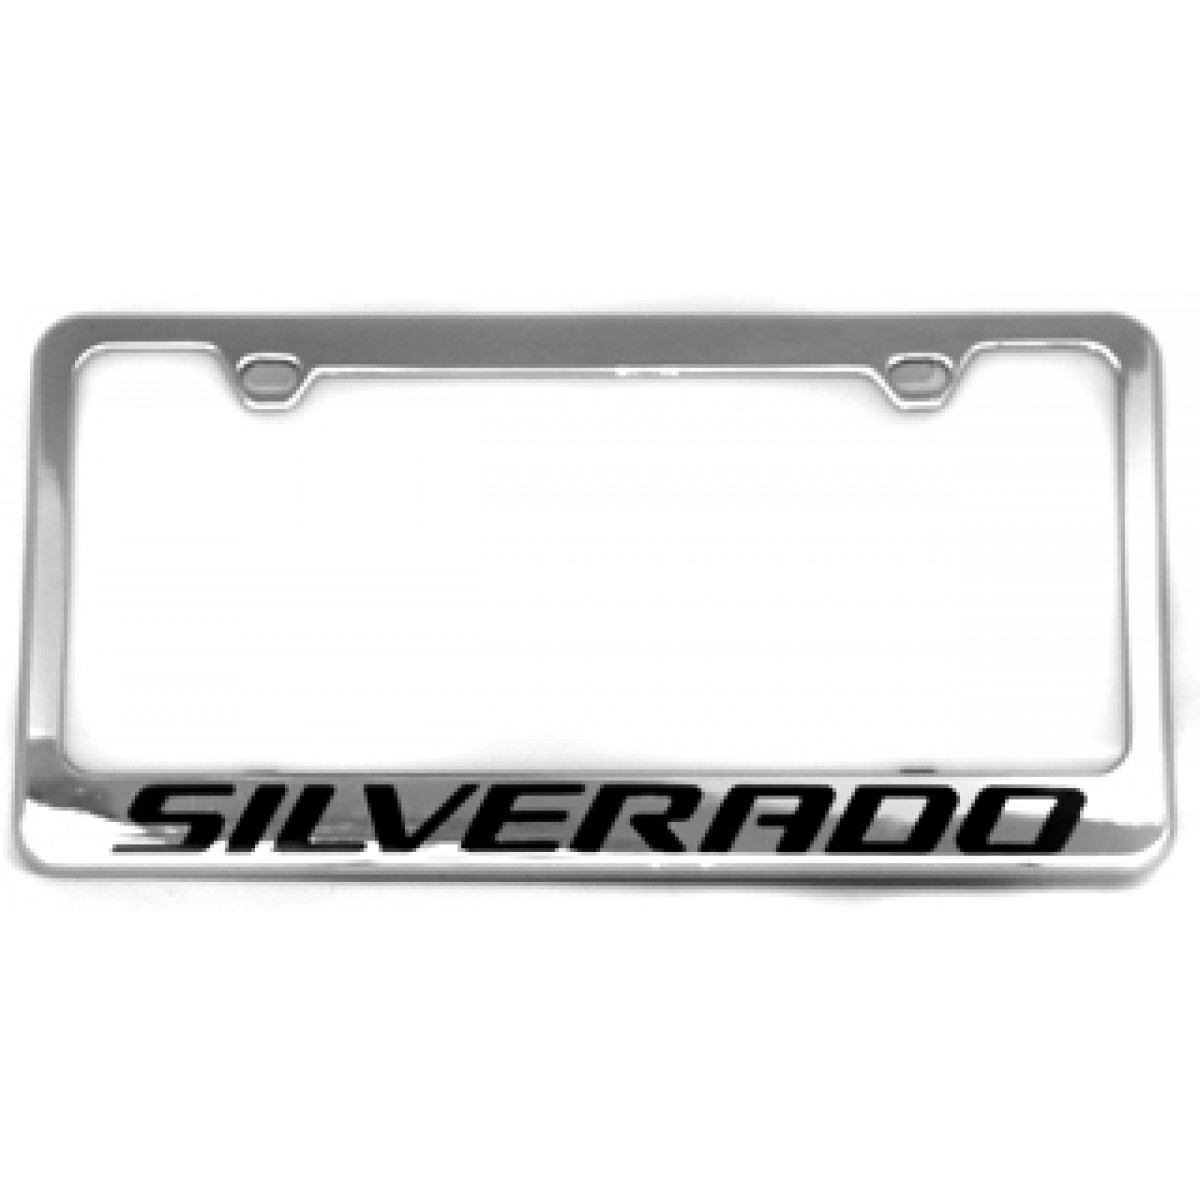 1999 Silverado Wiring Harness Frame Schematics Diagram 1988 Chevy Truck Ebay Chevrolet License Plate Frames Best 2018 Dodge Radio